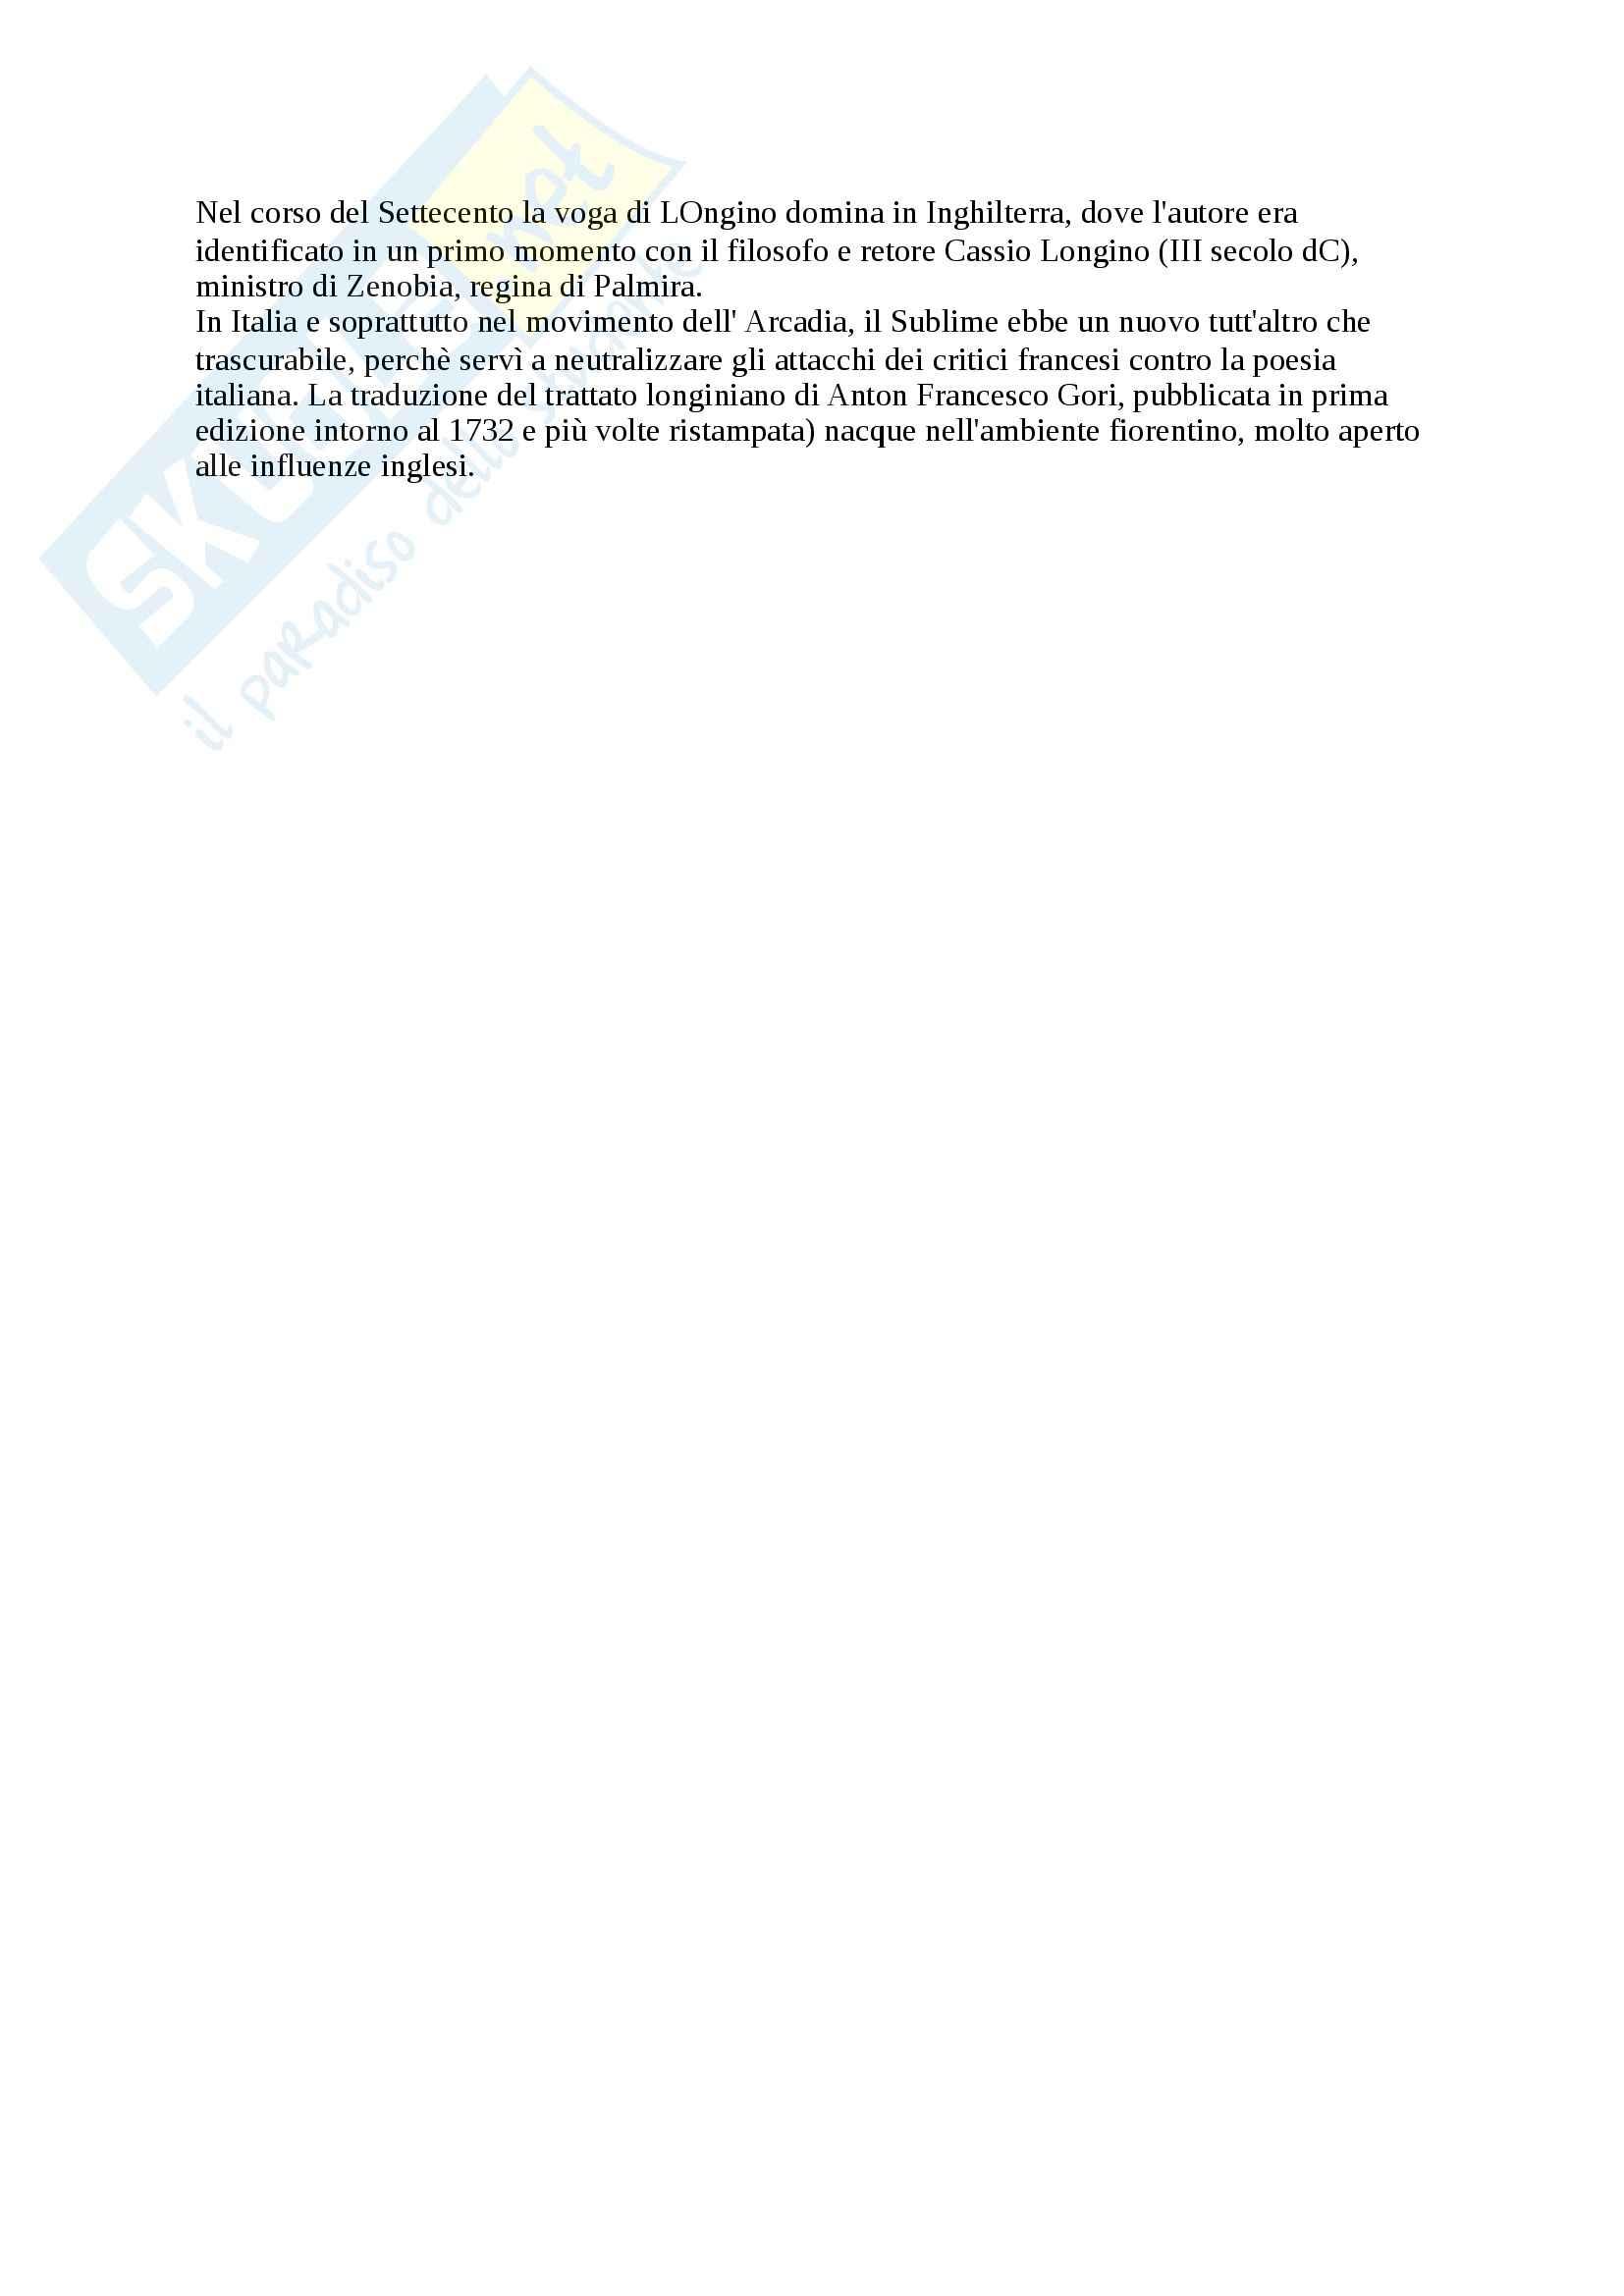 Riassunto esame Filologia classica, testo consigliato Il sublime, fortuna di un testo e di un'idea, Matelli, prof. Ronchey Pag. 11